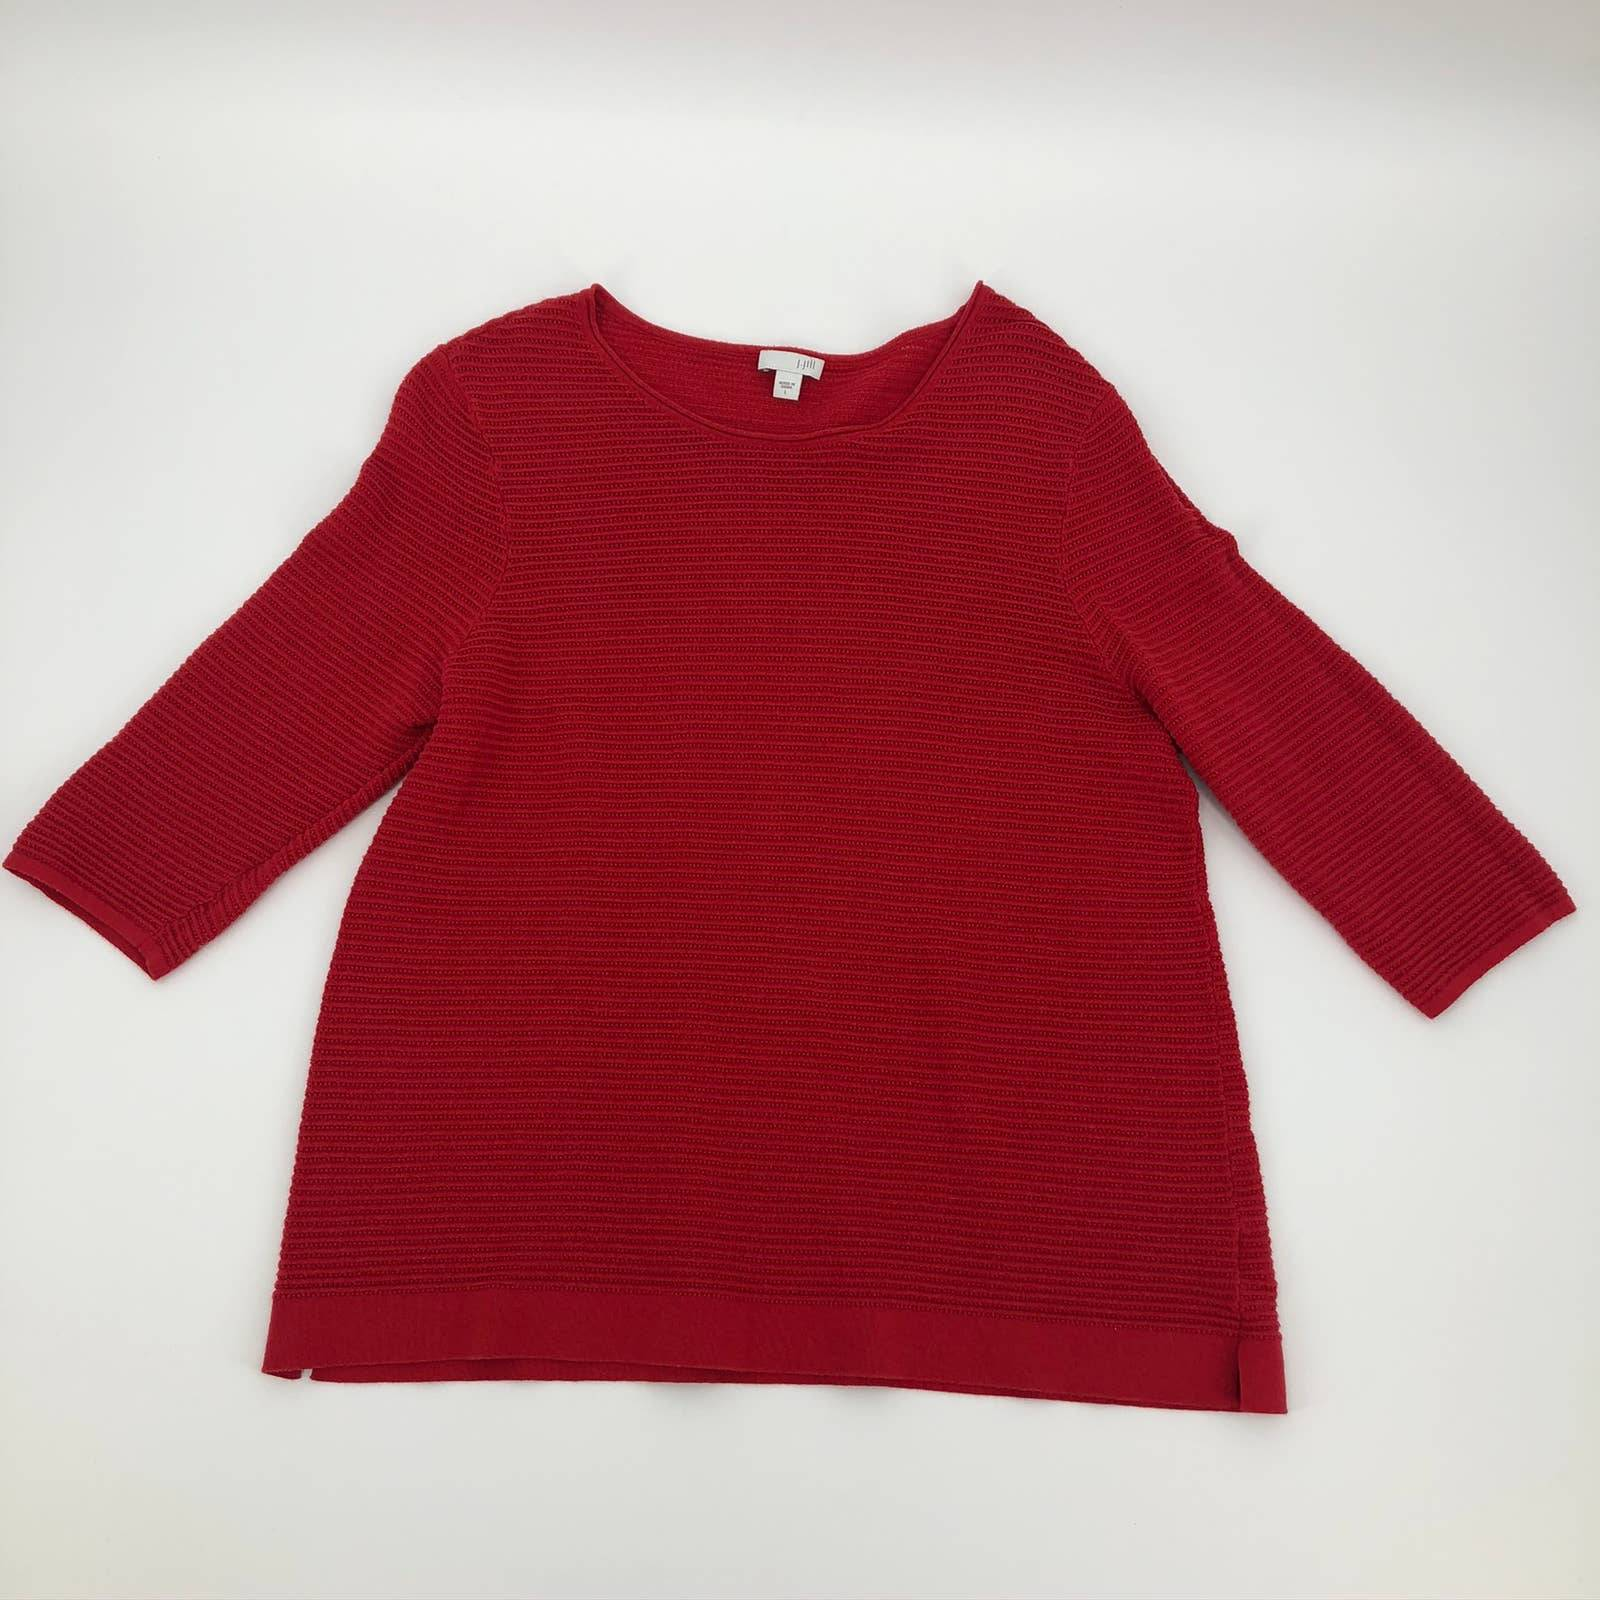 J. Jill Large Red Open Knit  Sweater